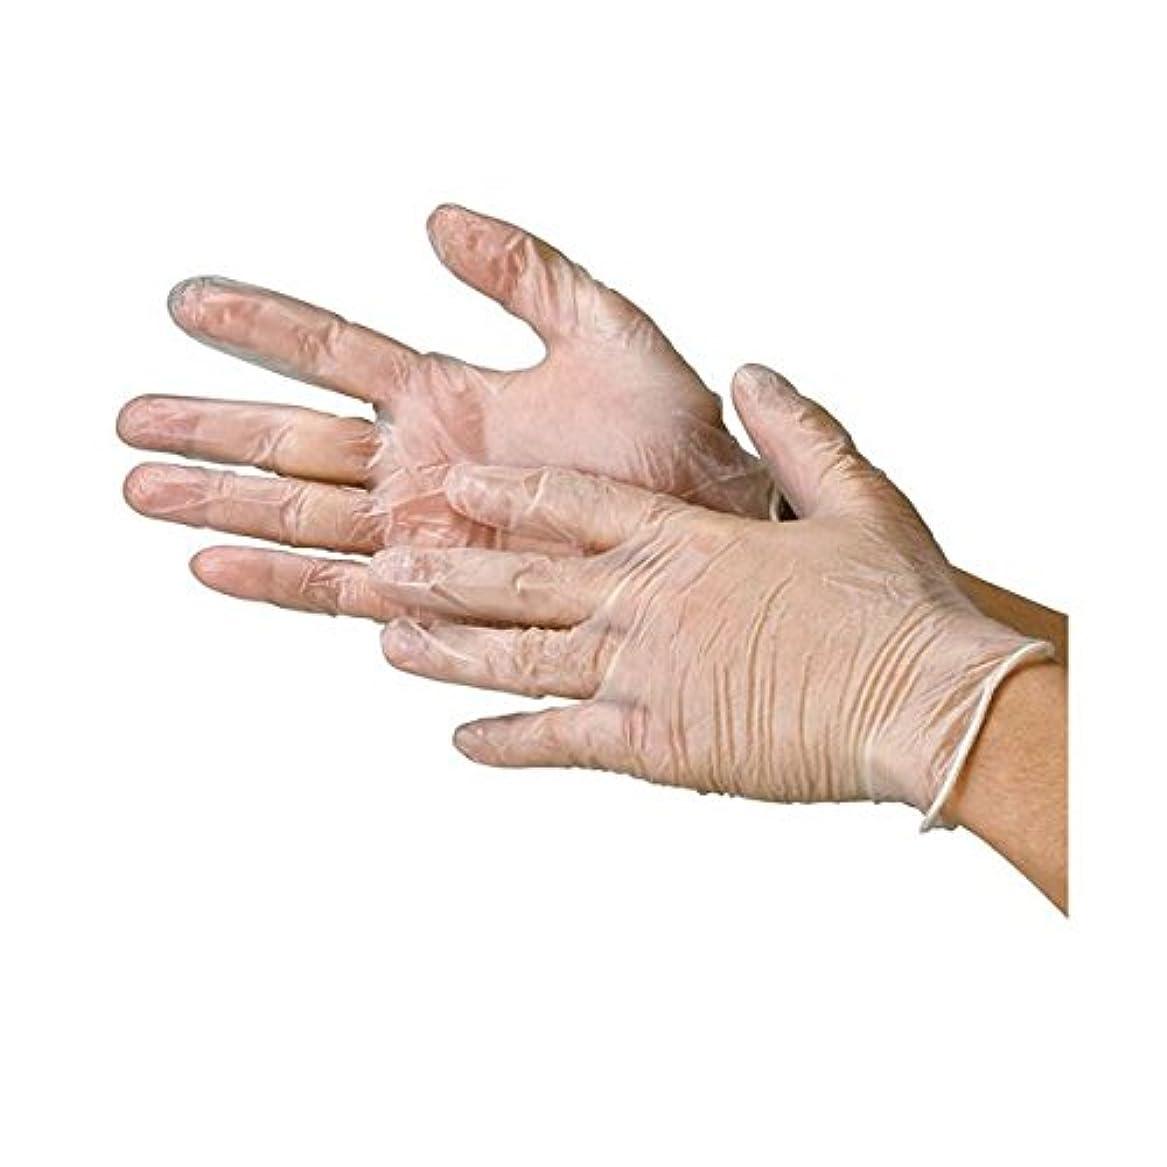 トイレ気づくなるツール川西工業 ビニール極薄手袋 粉なし S 20箱 ダイエット 健康 衛生用品 その他の衛生用品 14067381 [並行輸入品]